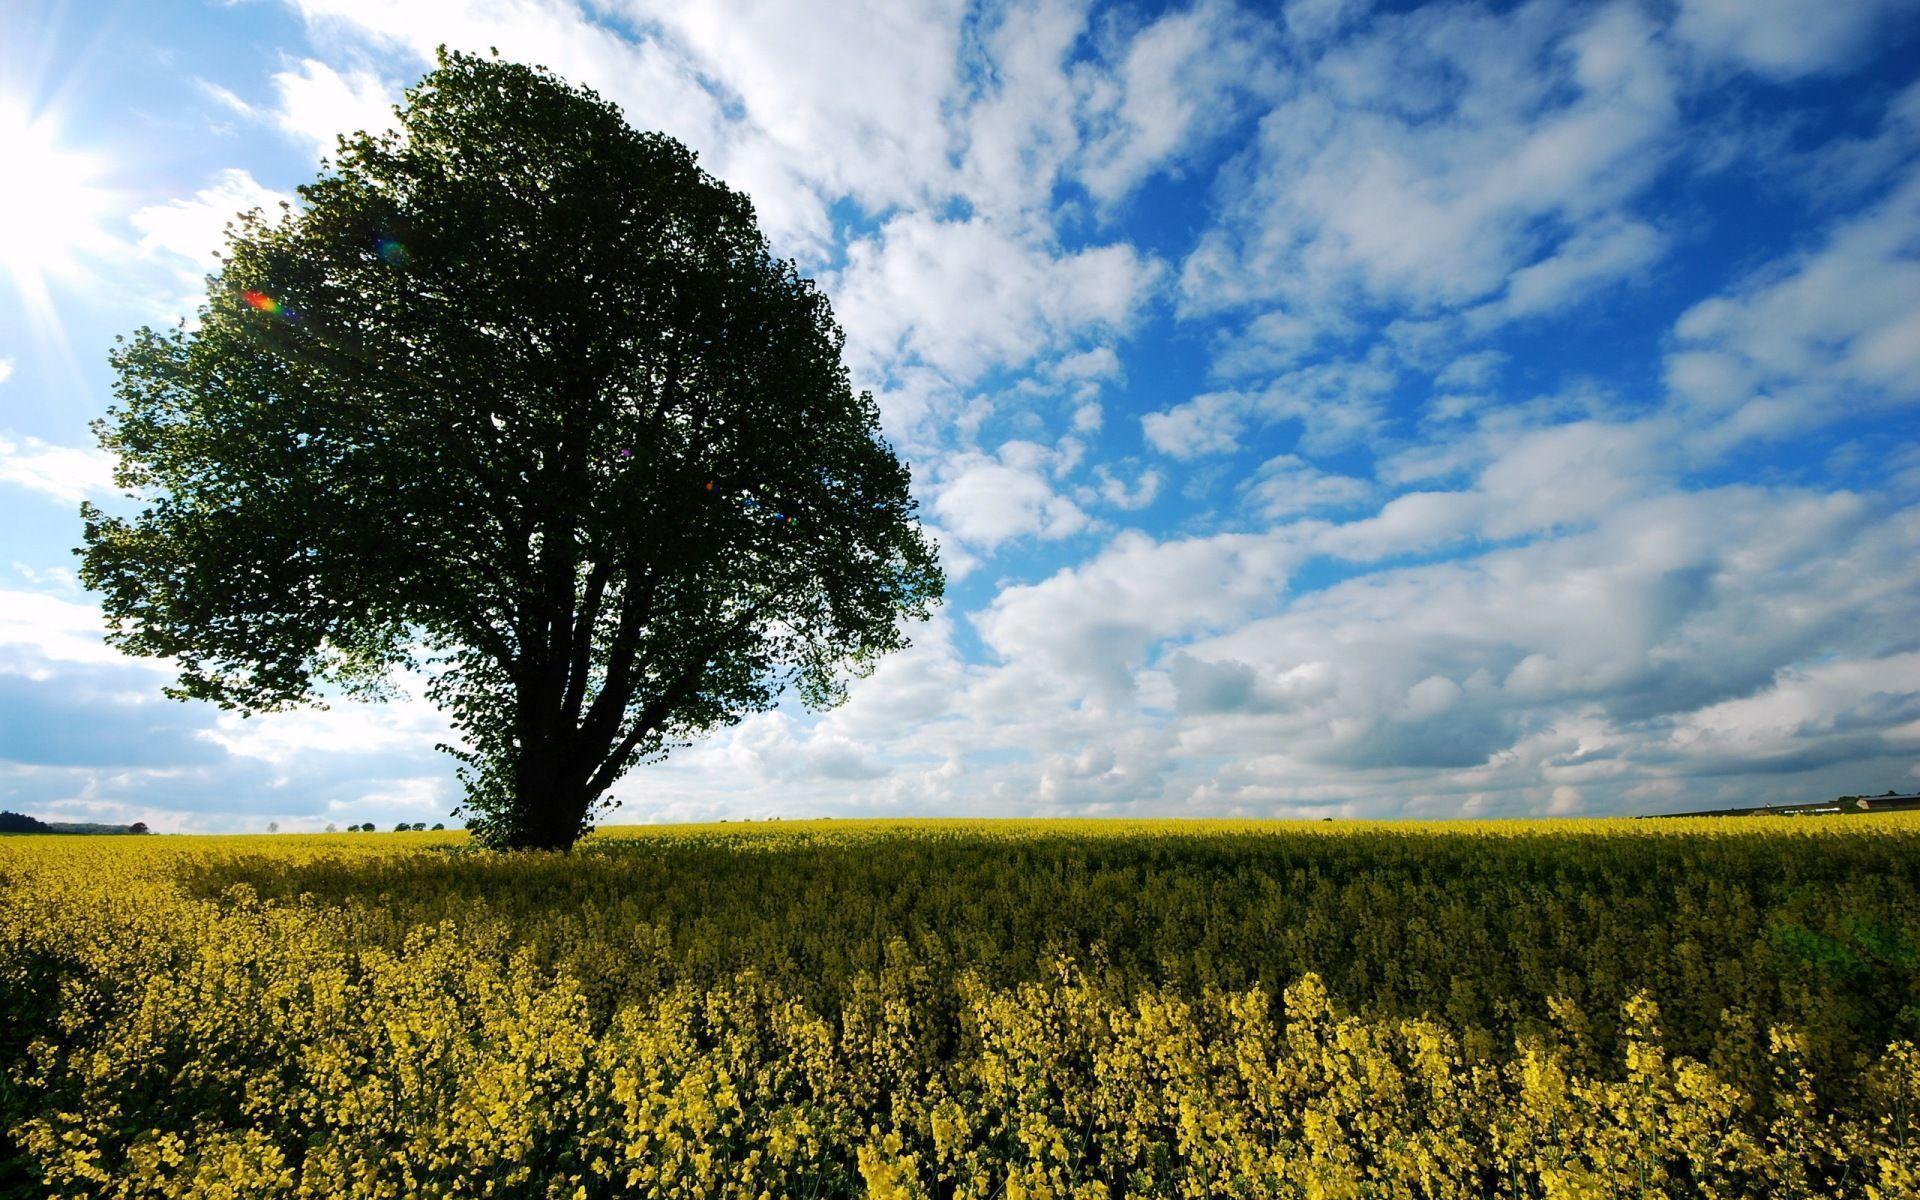 اروع صور من الطبيعة Best Nature Wallpapers Re4CYqt